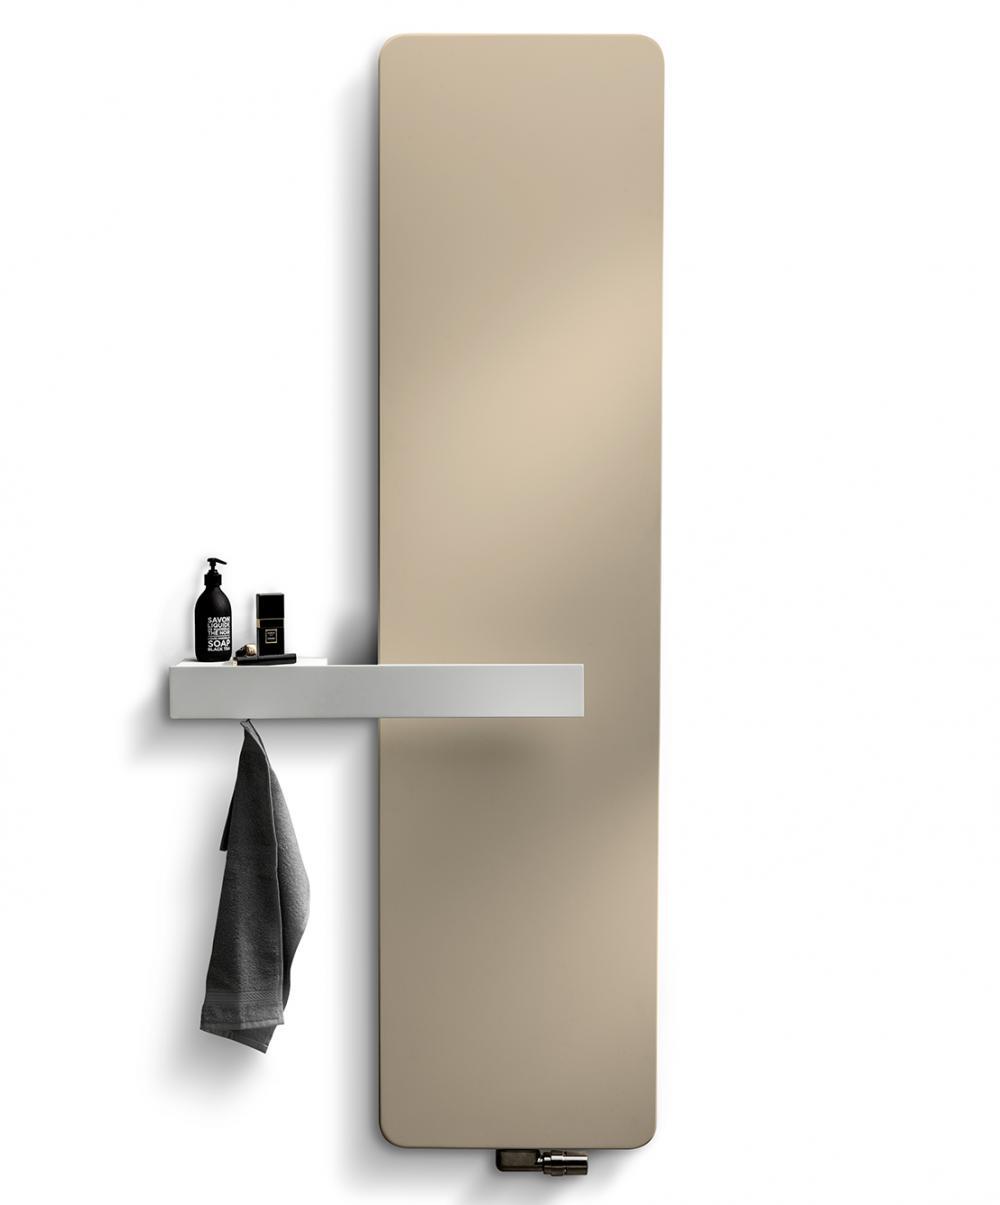 Calorifer decorativ aluminiu Vasco Oni O-NP 1400x500 mm, 573 W